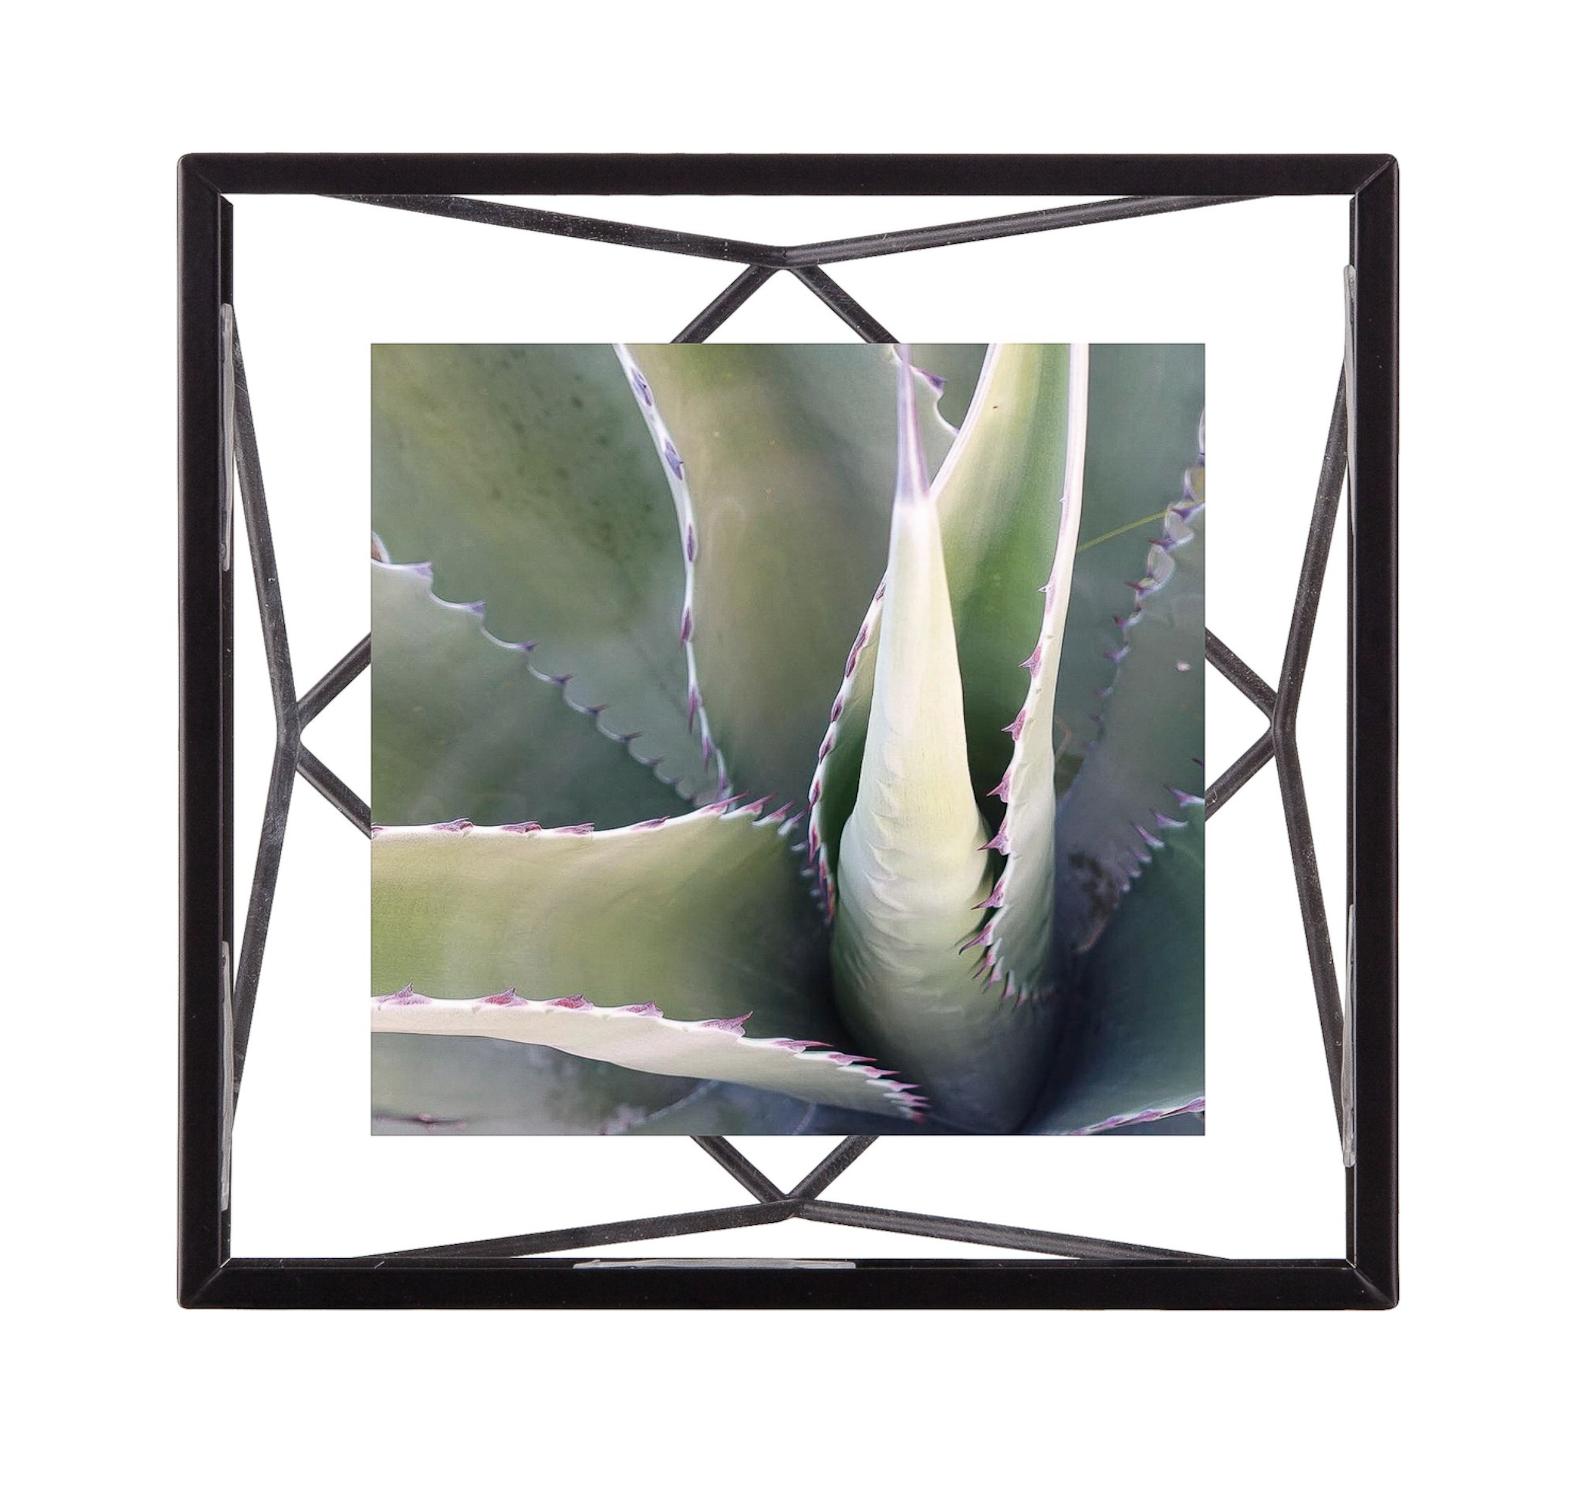 Prisma Picture Frame-1